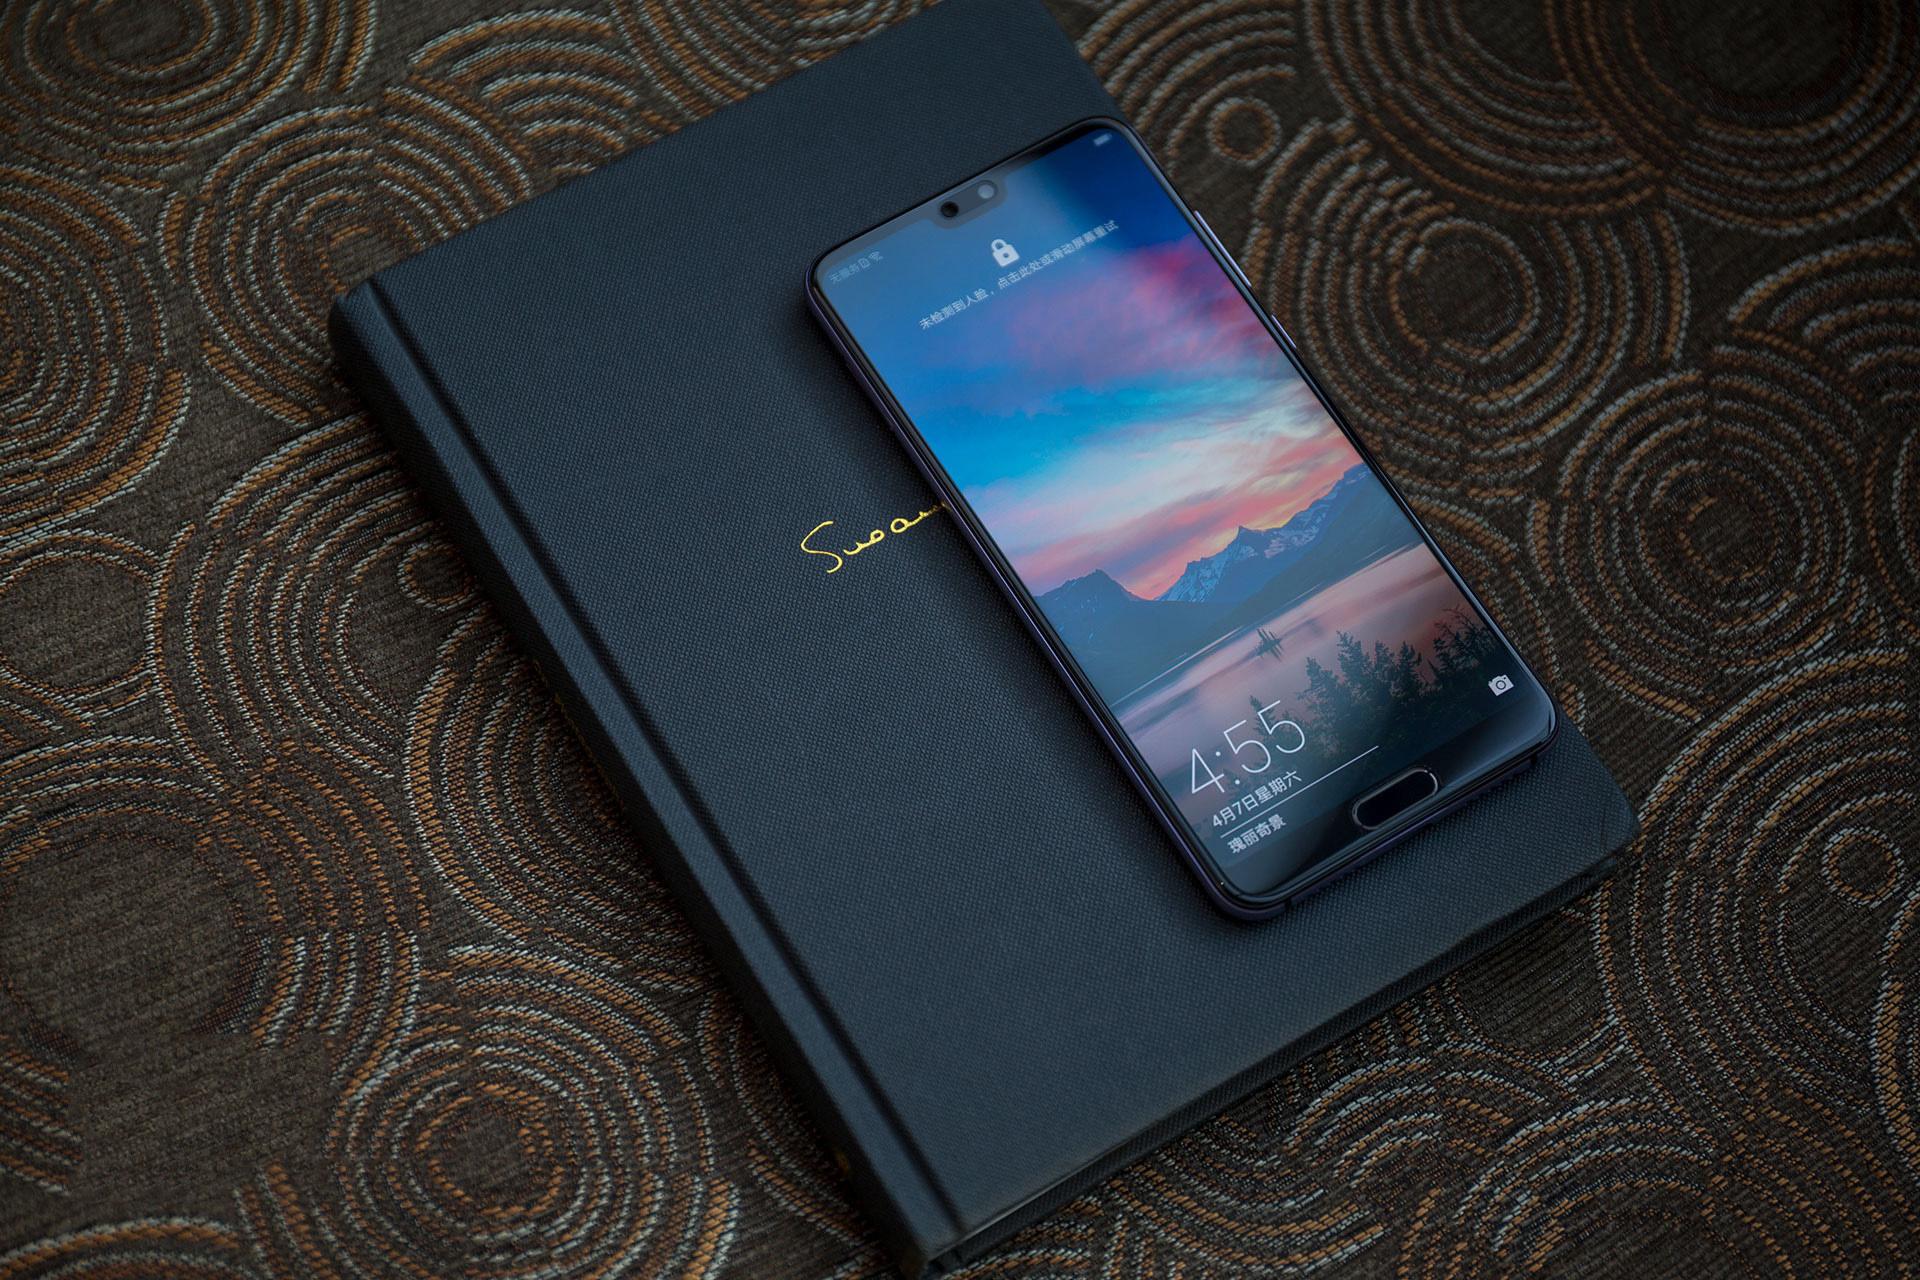 【iPhone8PLUS和华为P20,哪个值得入手?】-